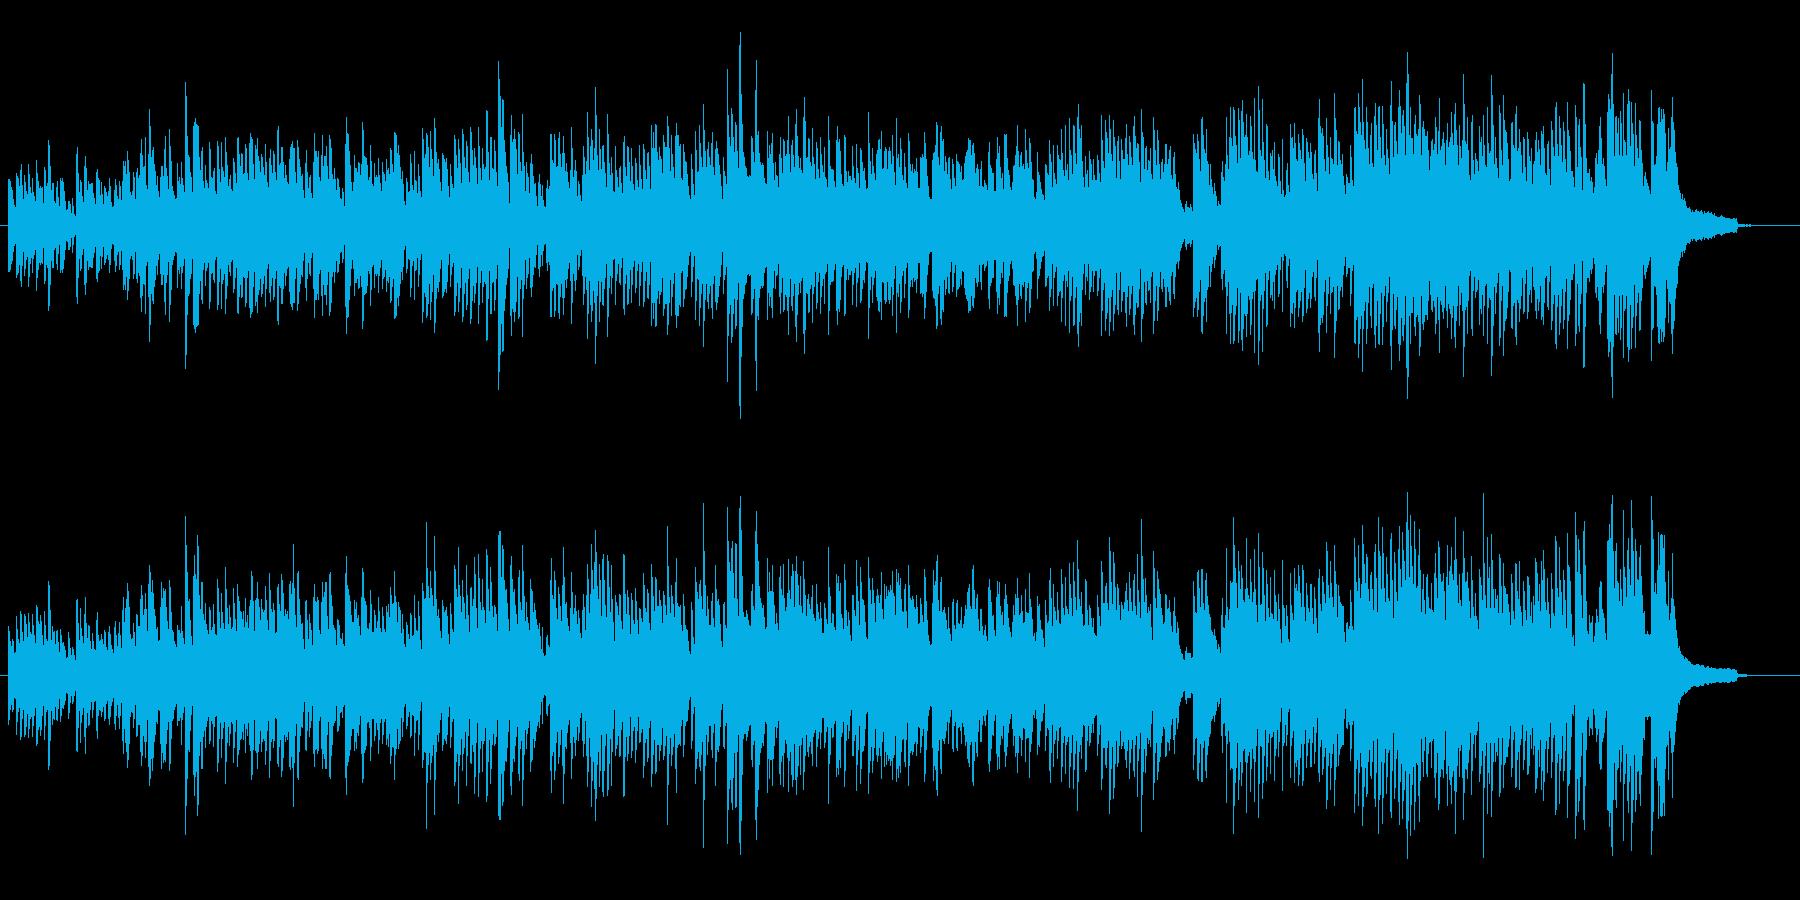 バッハのインベイジョン2番 の再生済みの波形